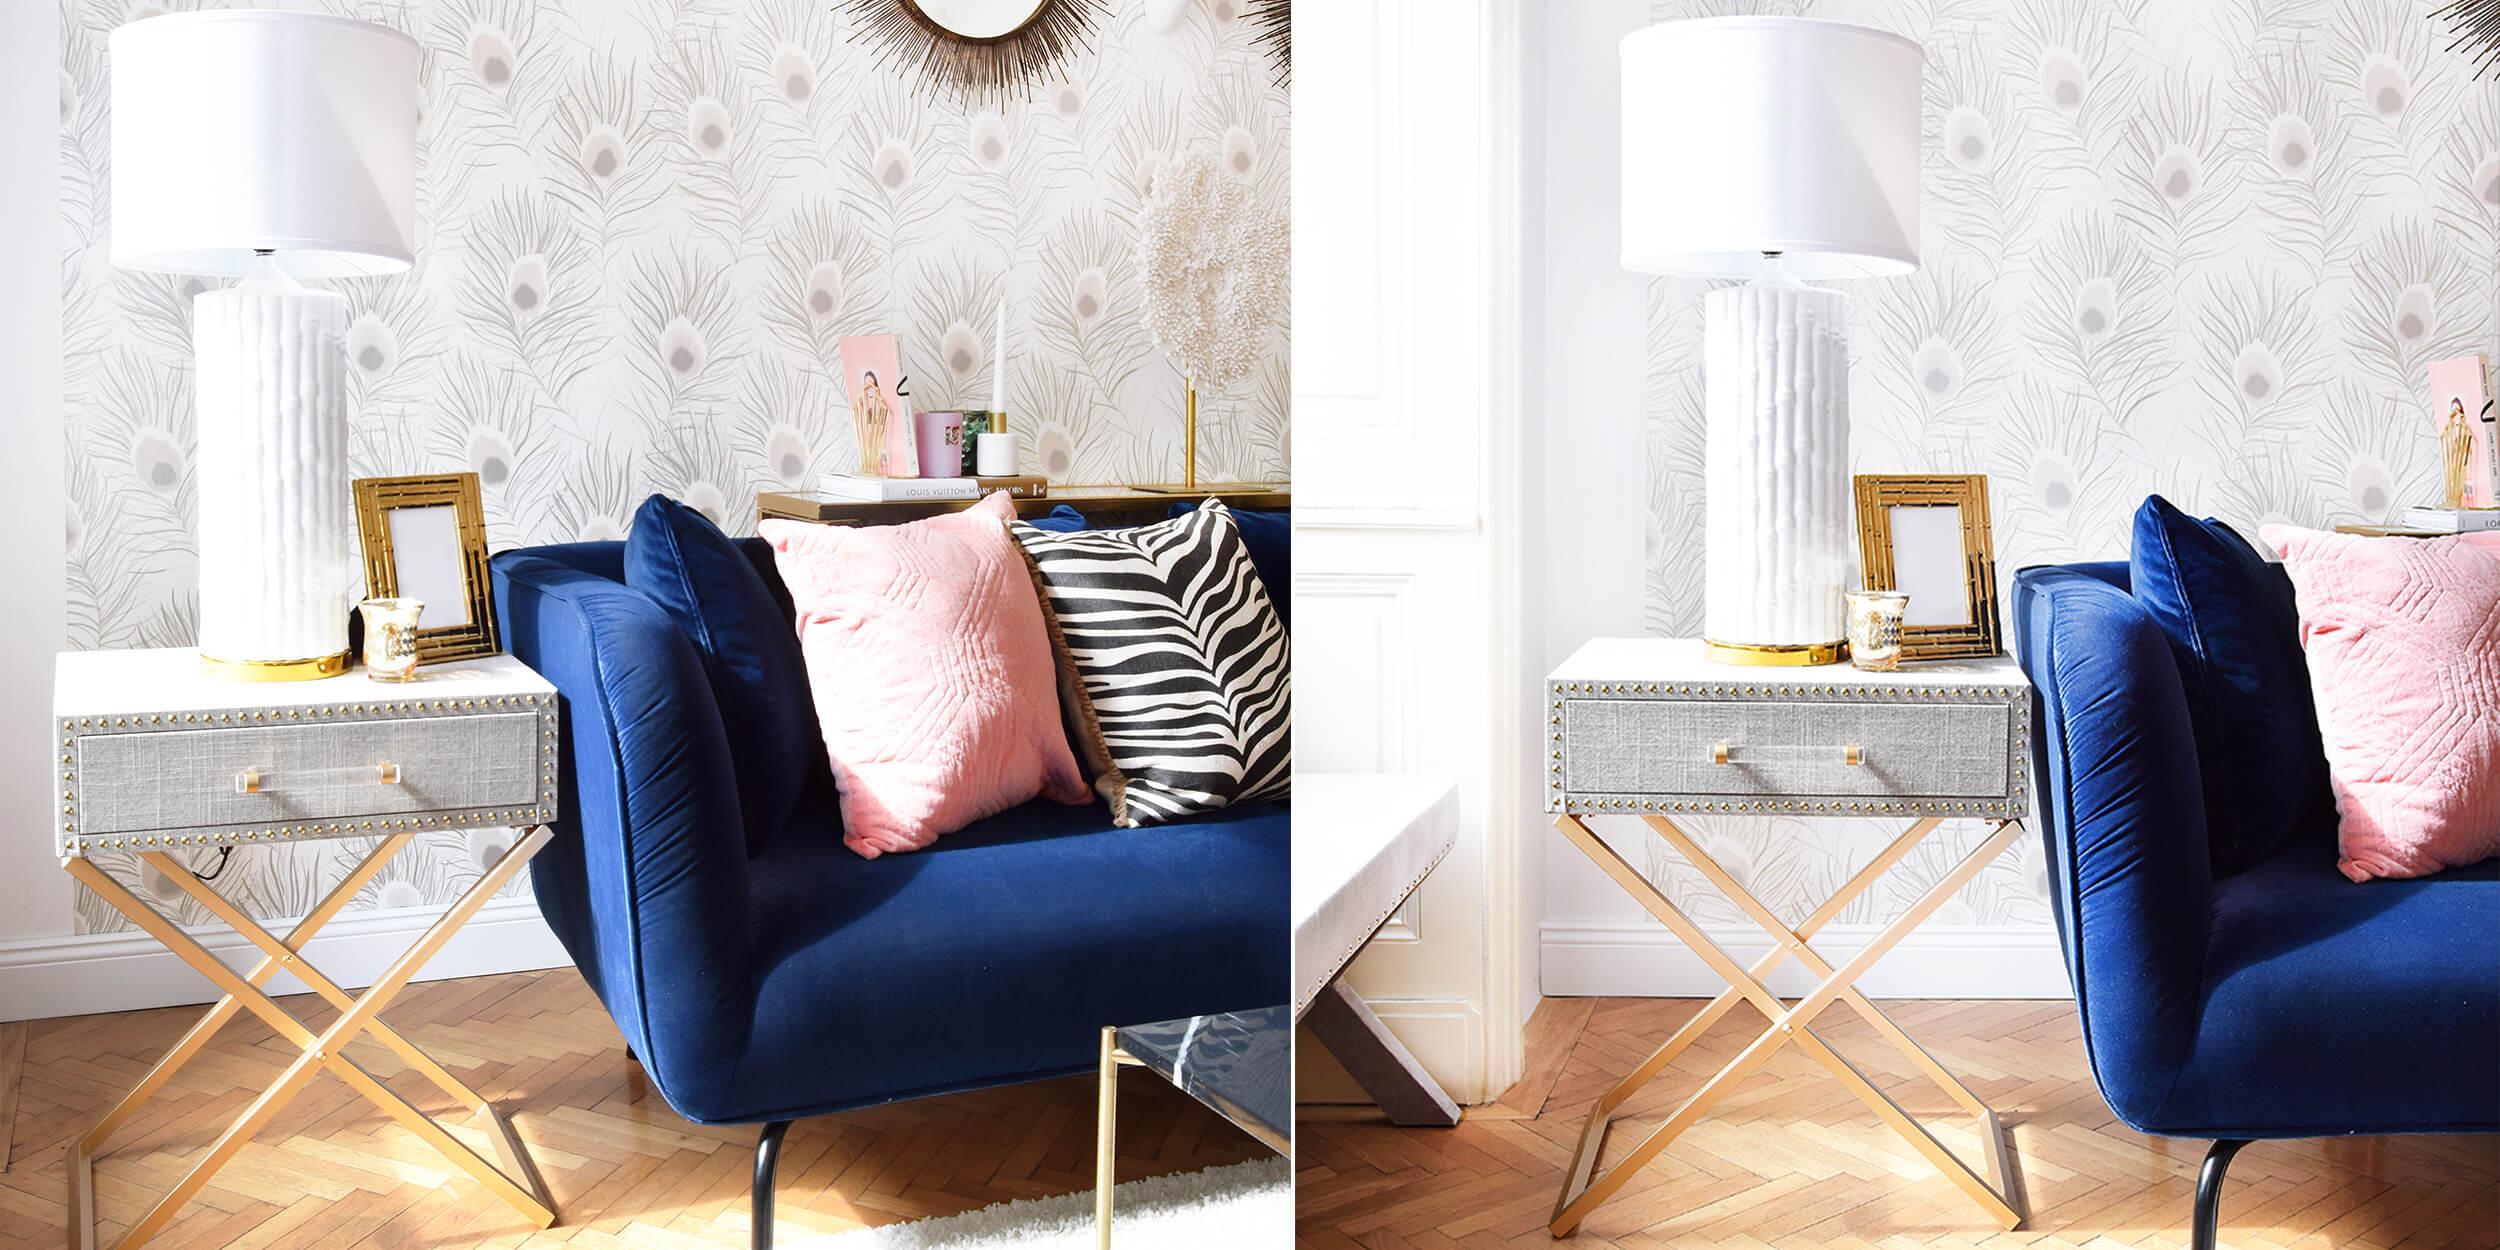 Stylish & Praktisch: Tischchen mit Schublade & goldenen Details